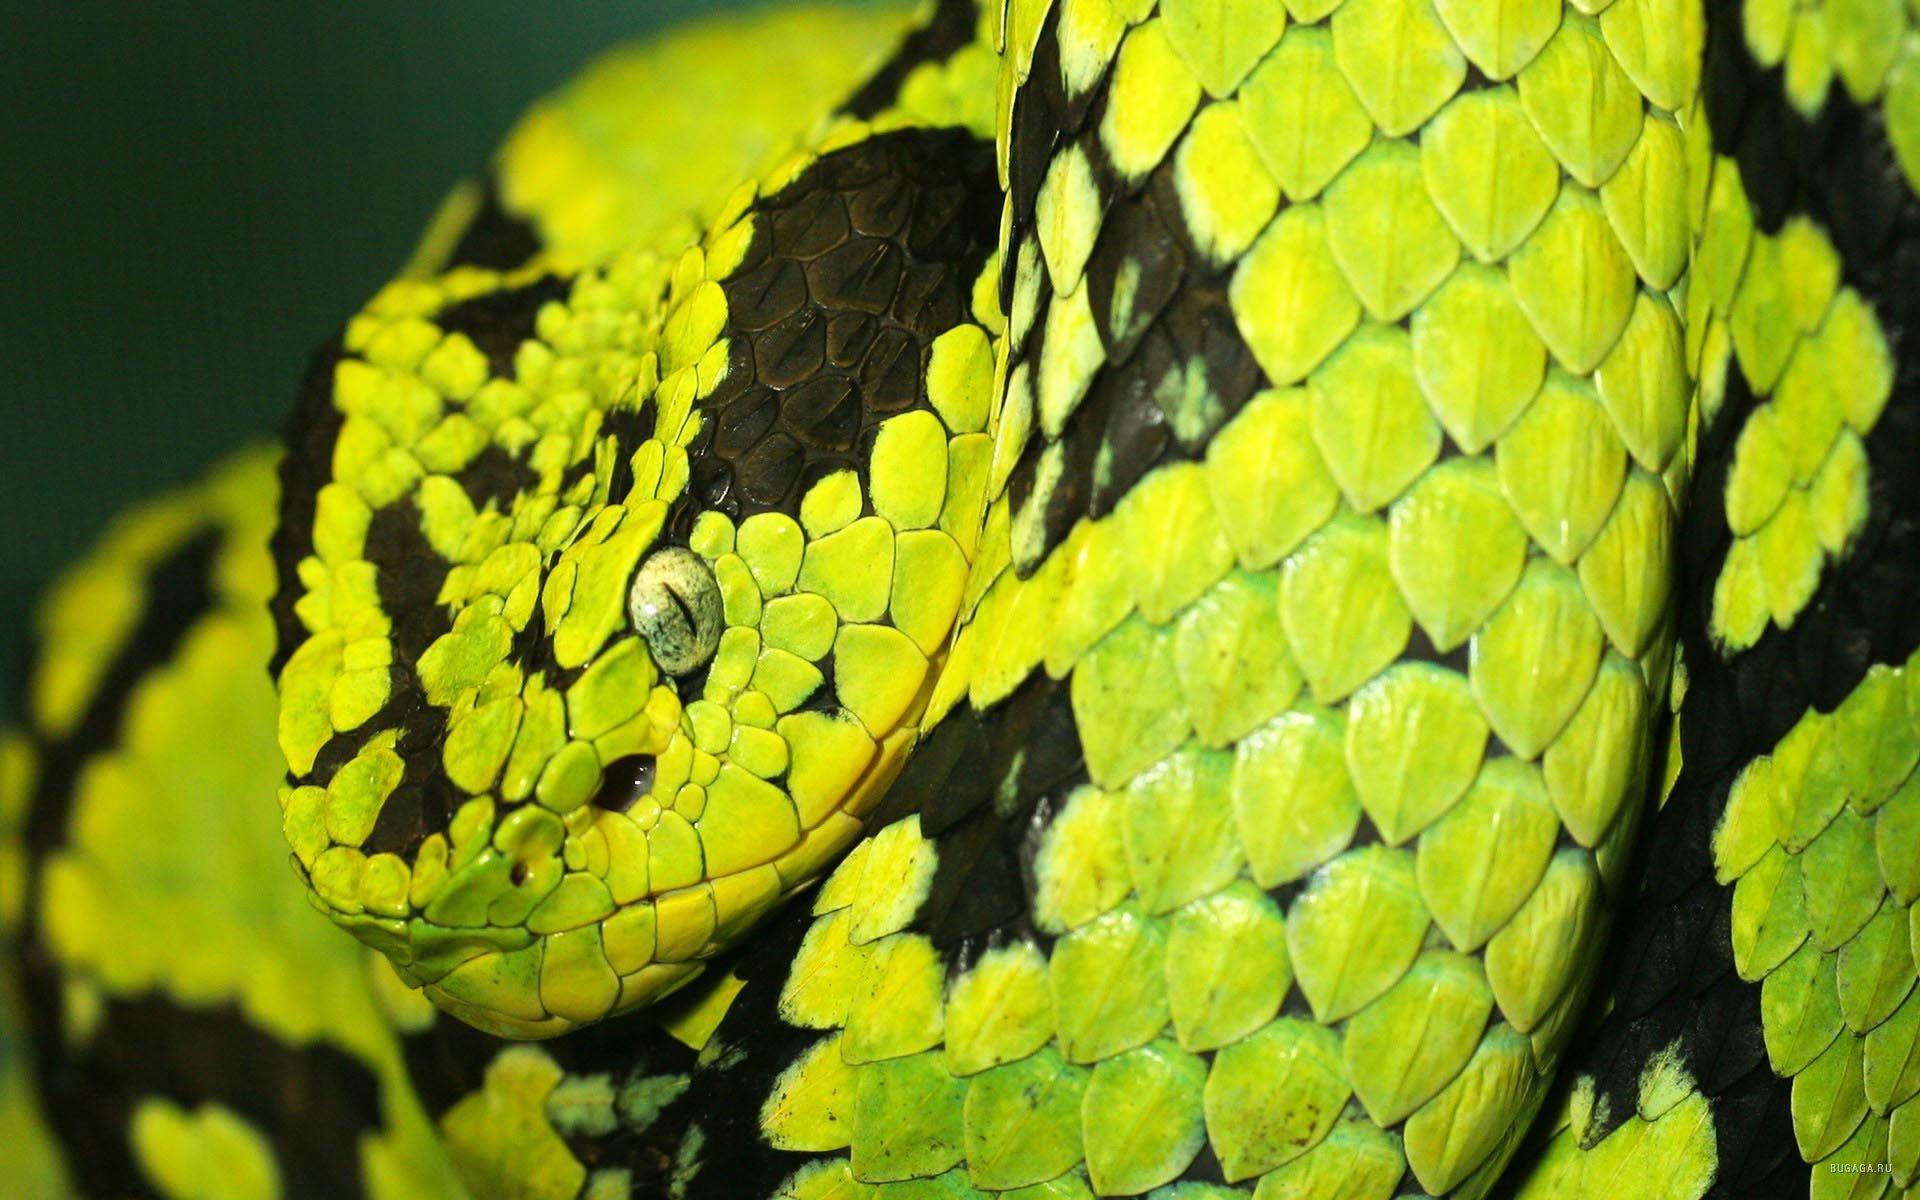 Змея, фото, обои для рабочего стола, скачать